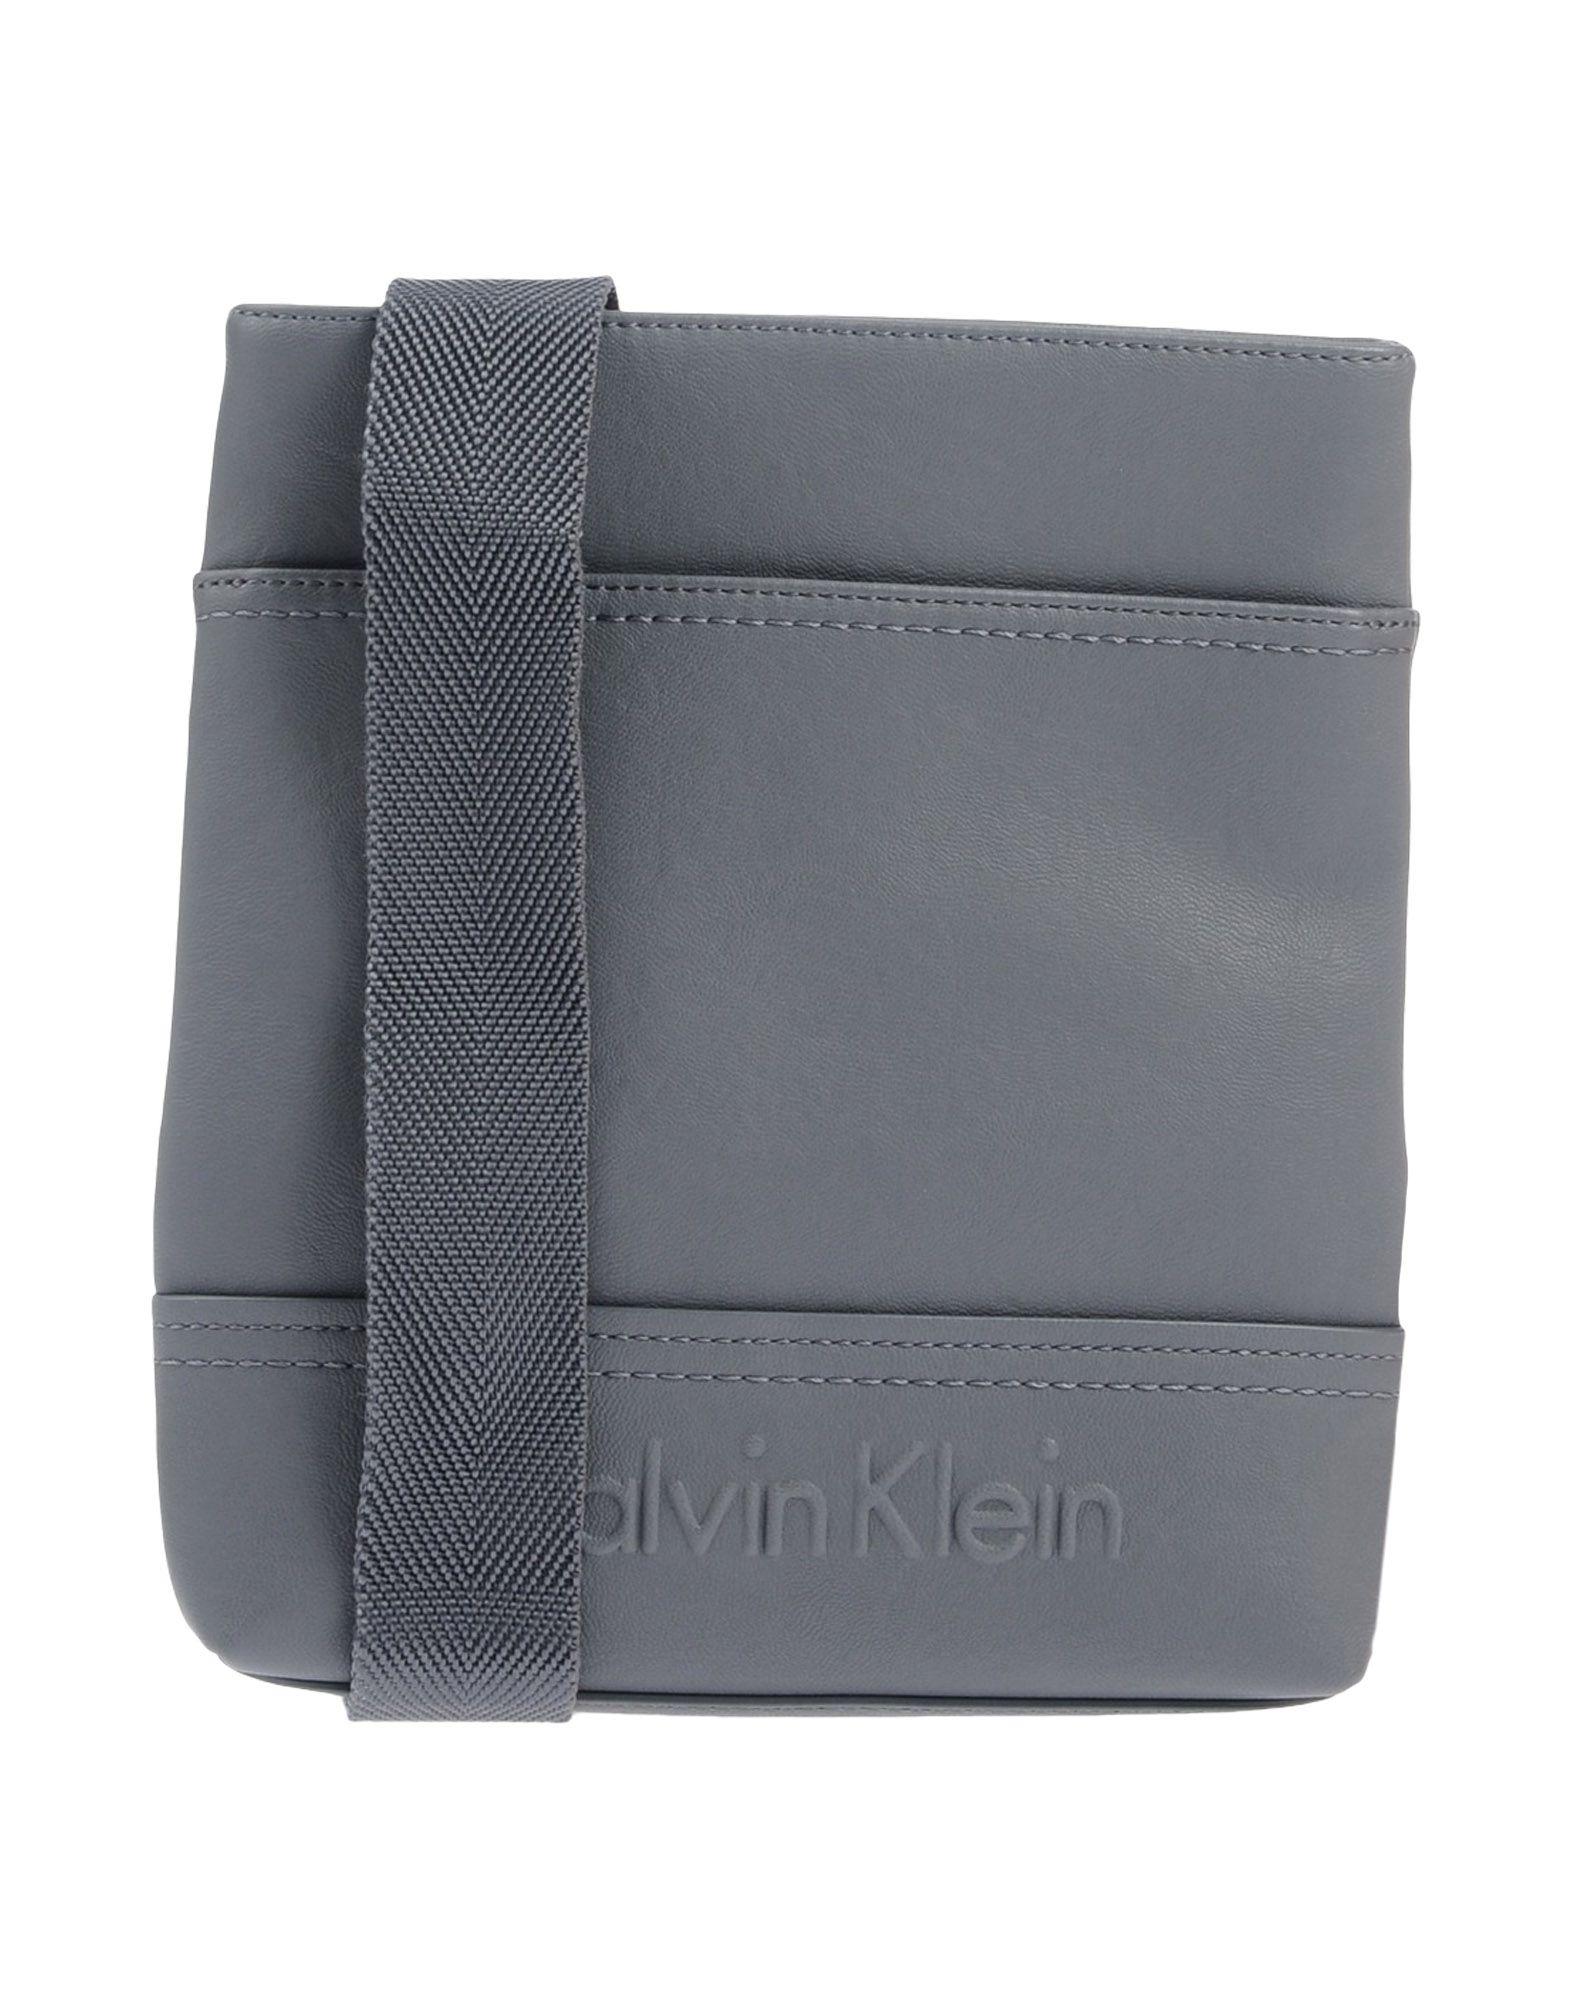 CALVIN KLEIN Сумка через плечо сумка через плечо anais gvani croco ag 1471 350161